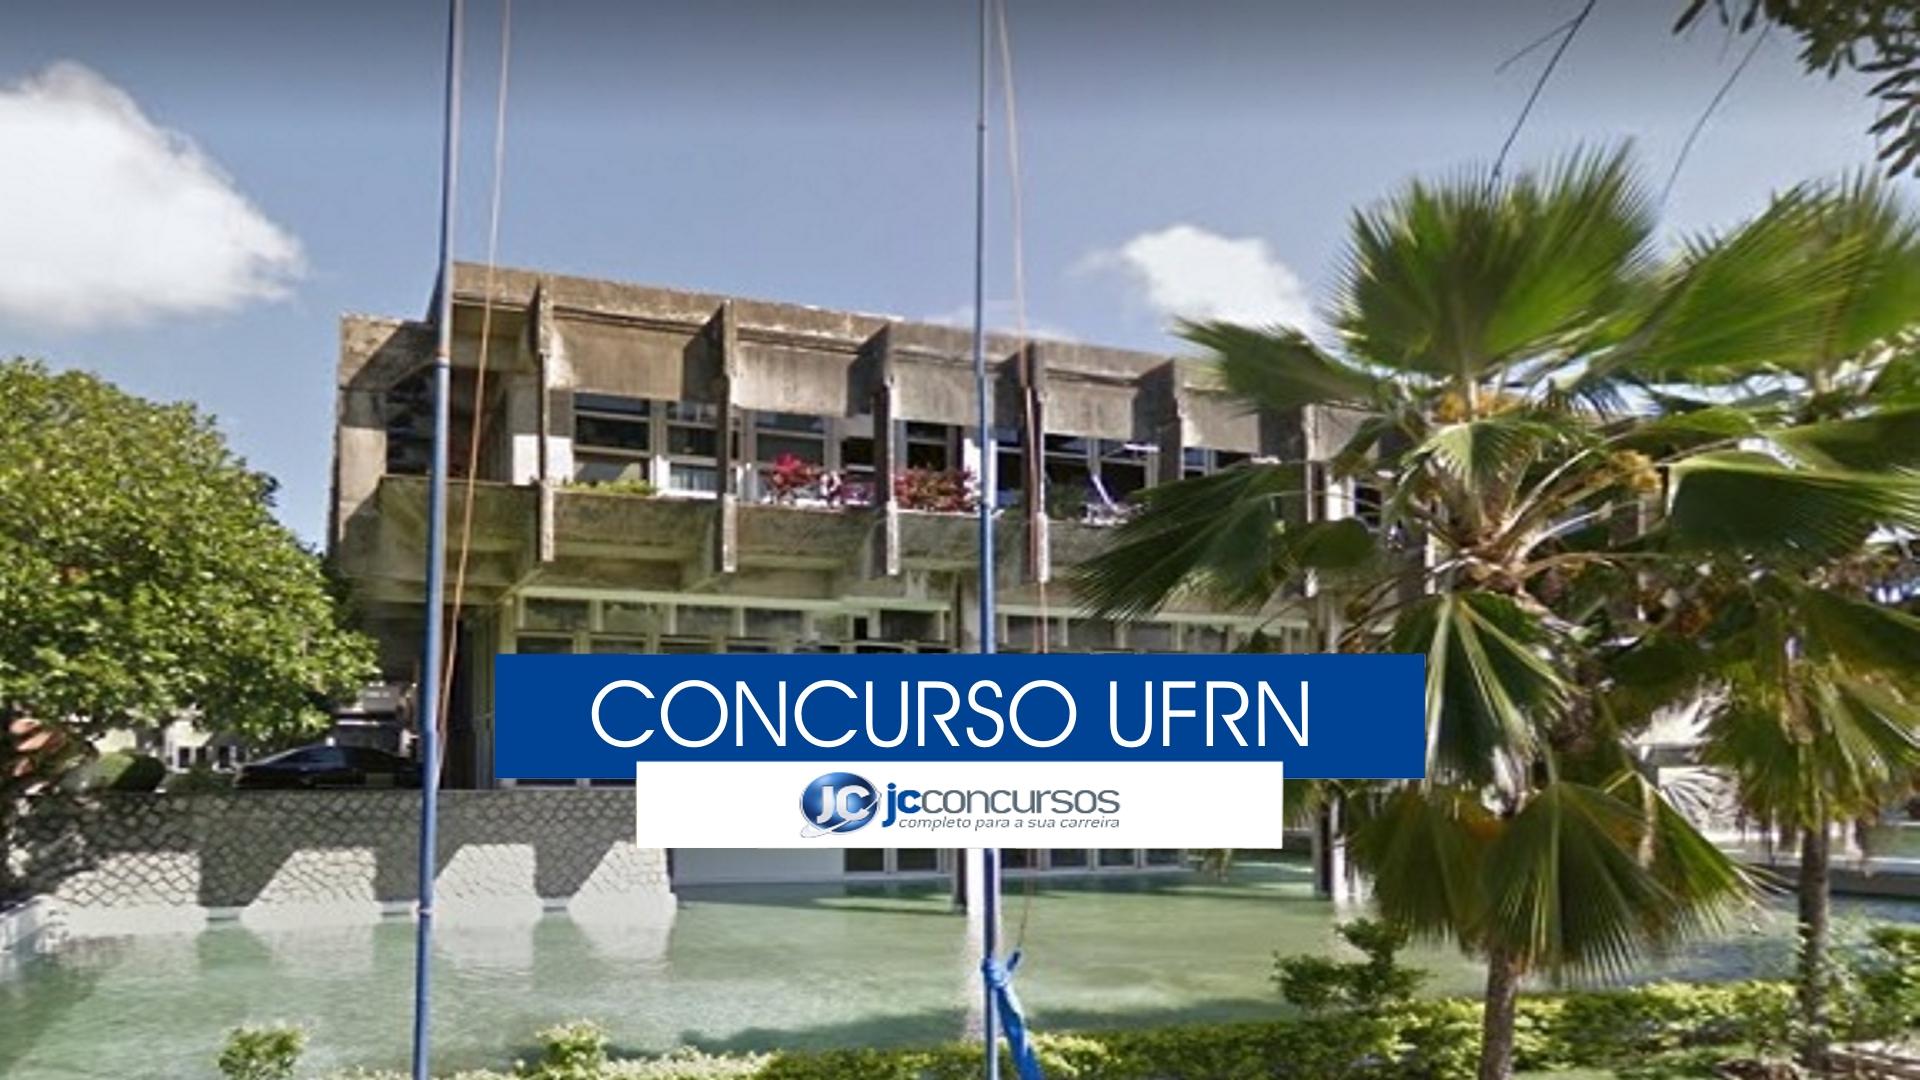 Concurso UFRN: saiu edital com 53 vagas para professor